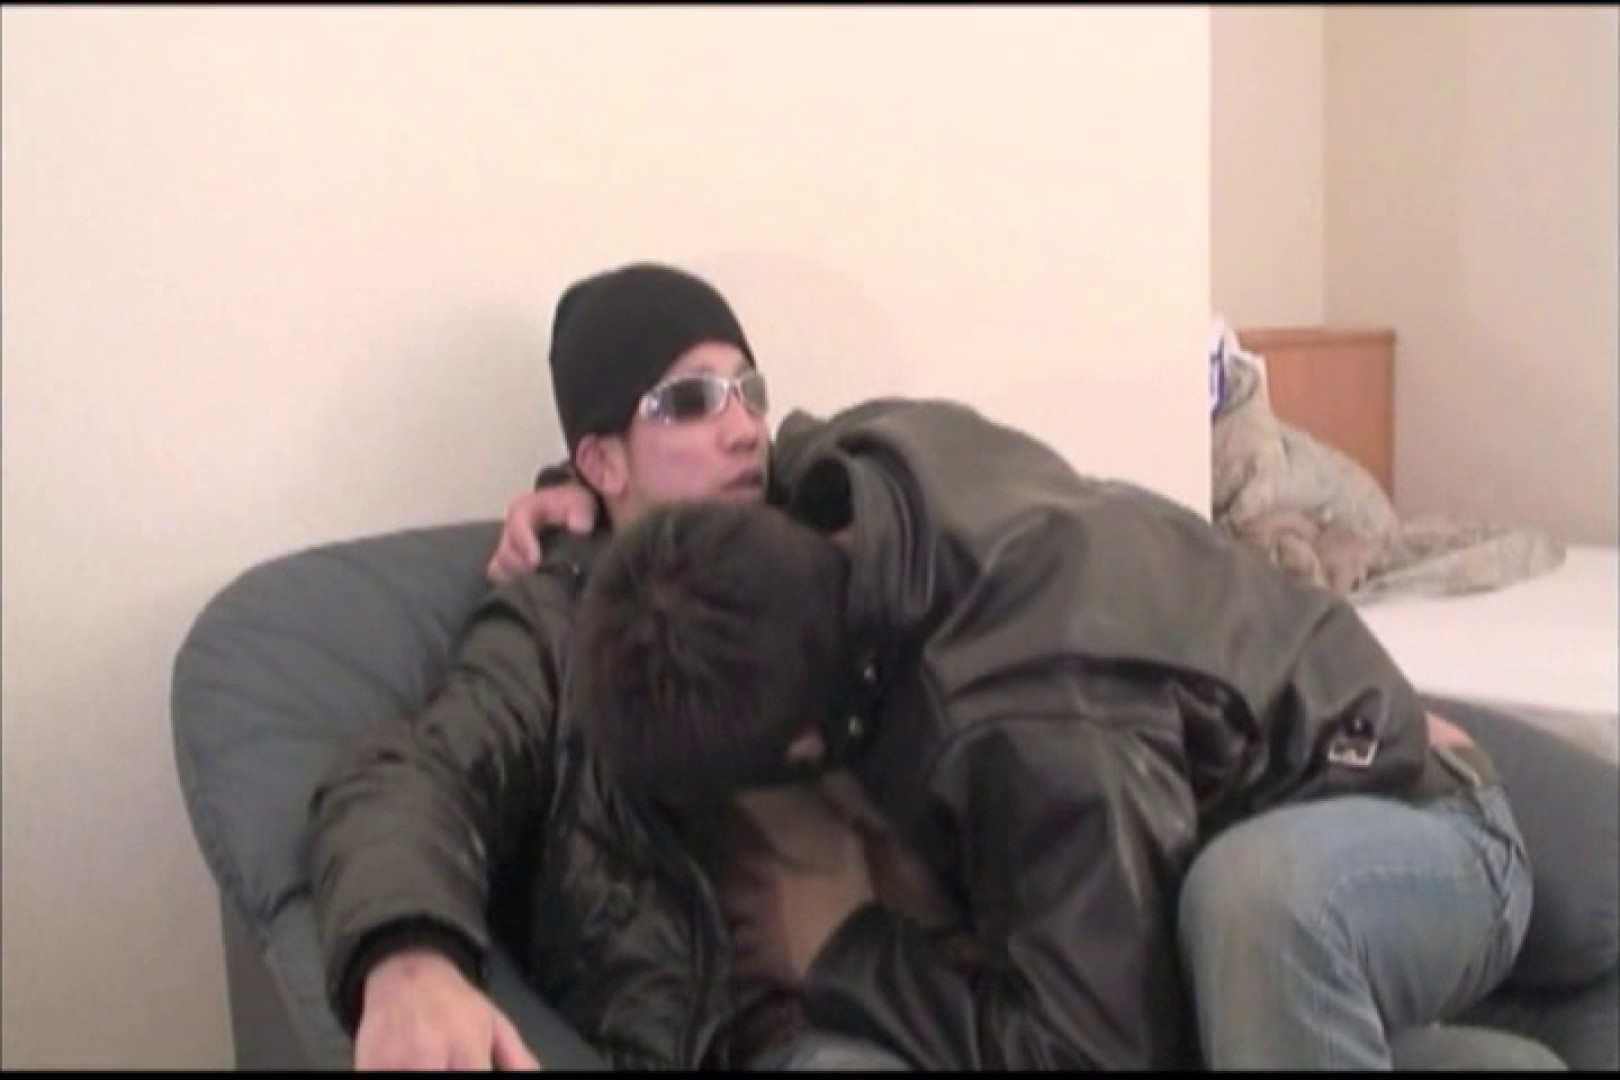 ワイルドボーイ二人組、仲が良すぎて・・・。 アナル攻め ゲイエロ動画 7枚 3